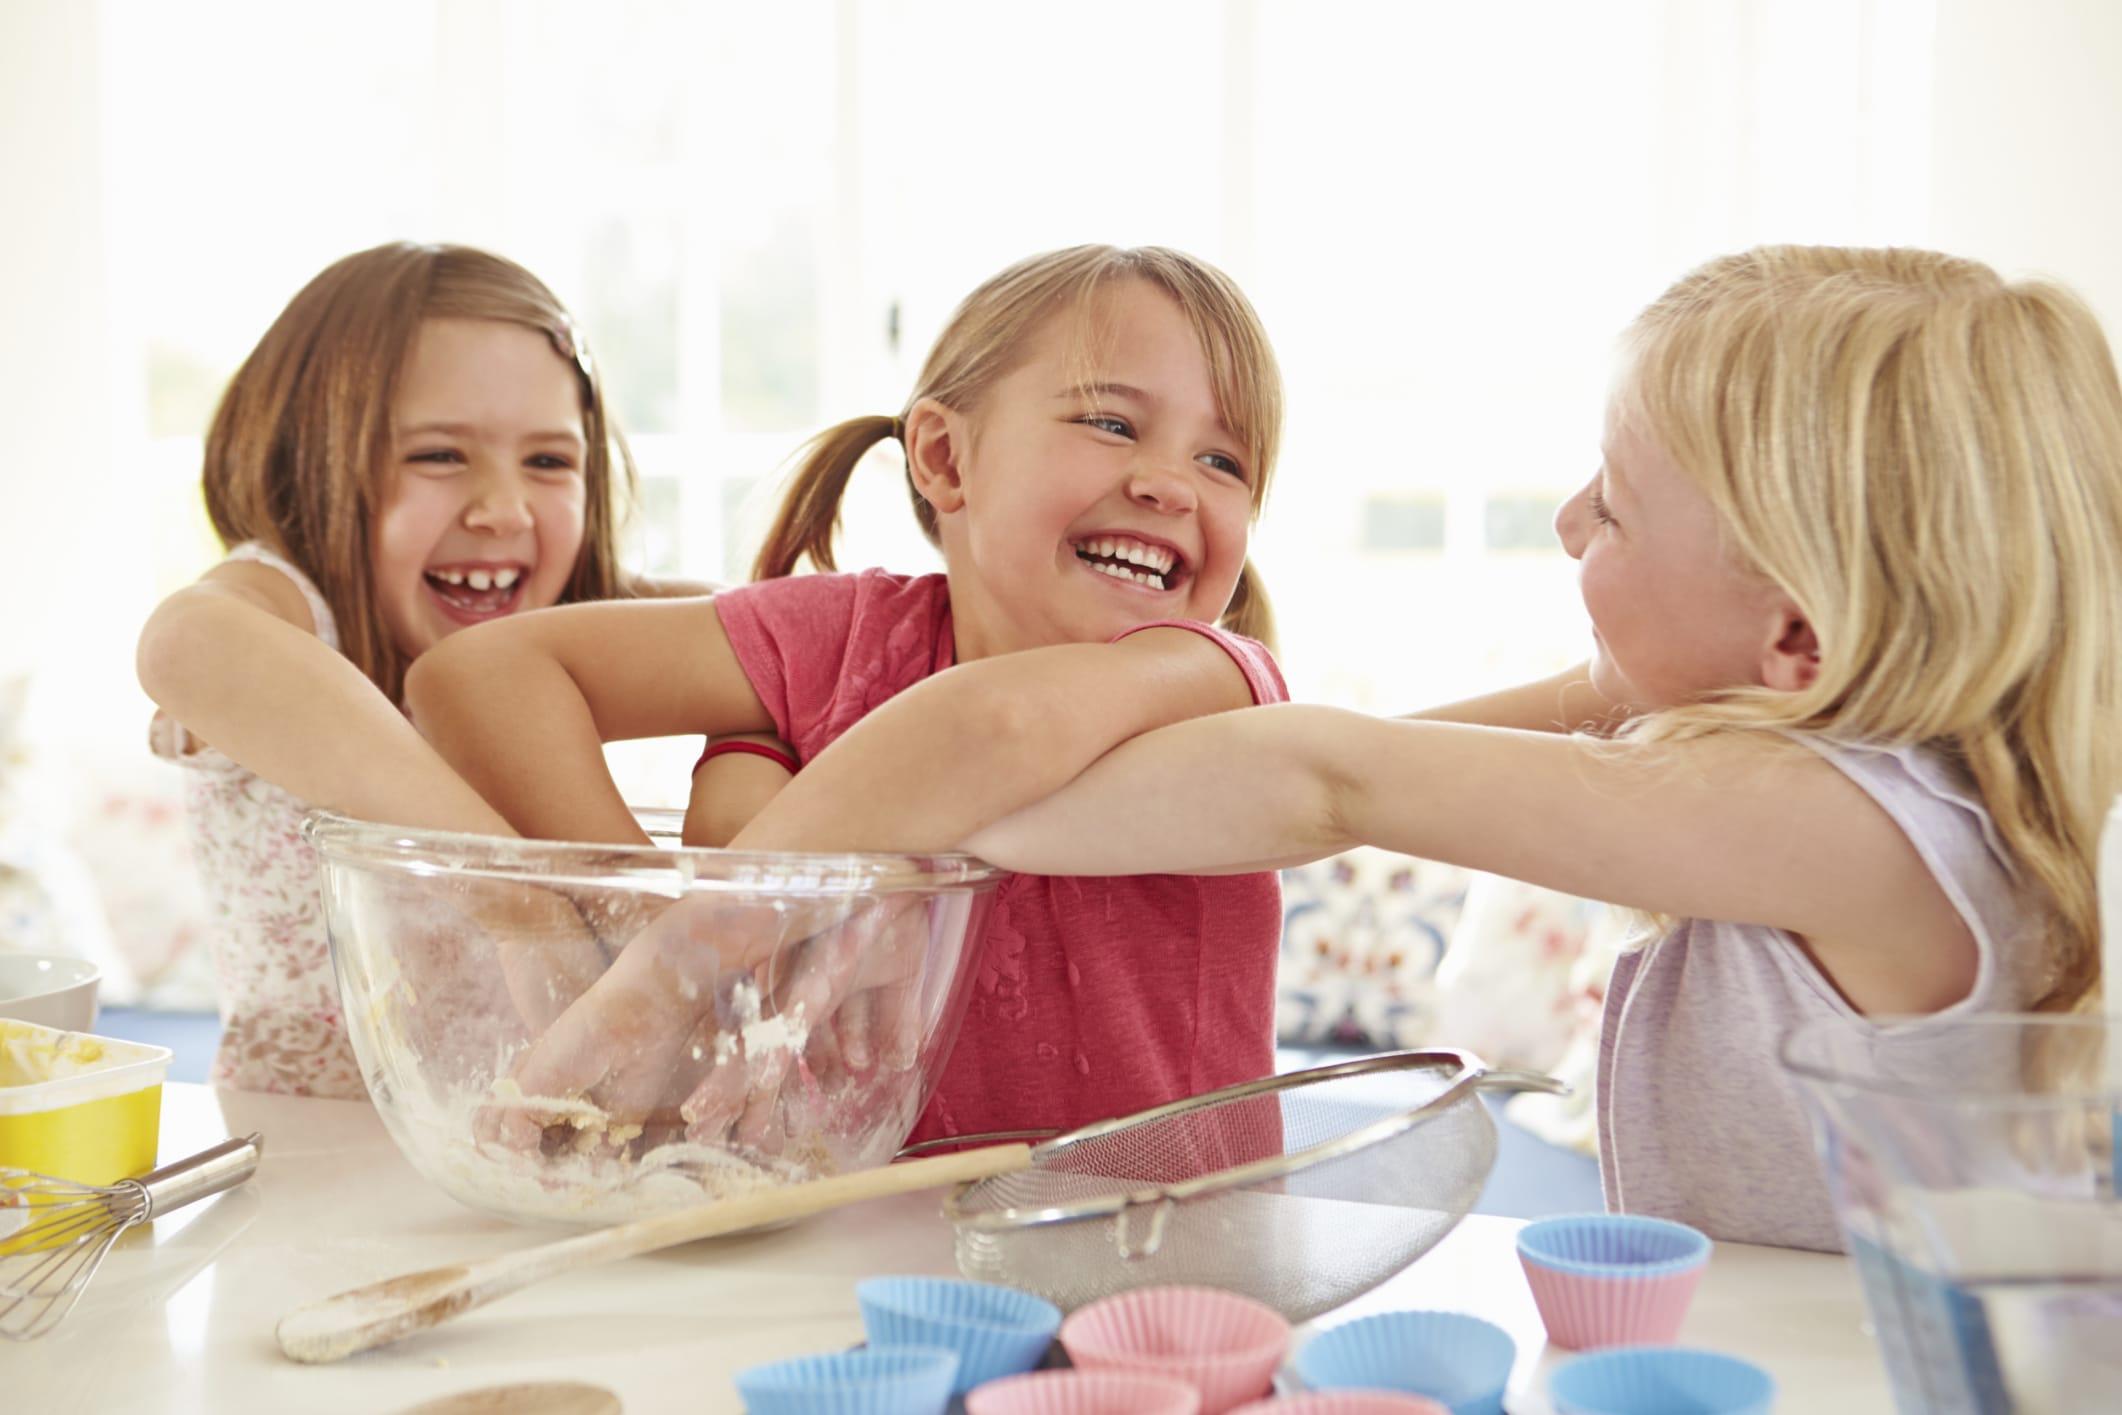 Museo explora laboratori di cucina per bambini a roma for Cucinare per bambini 7 anni